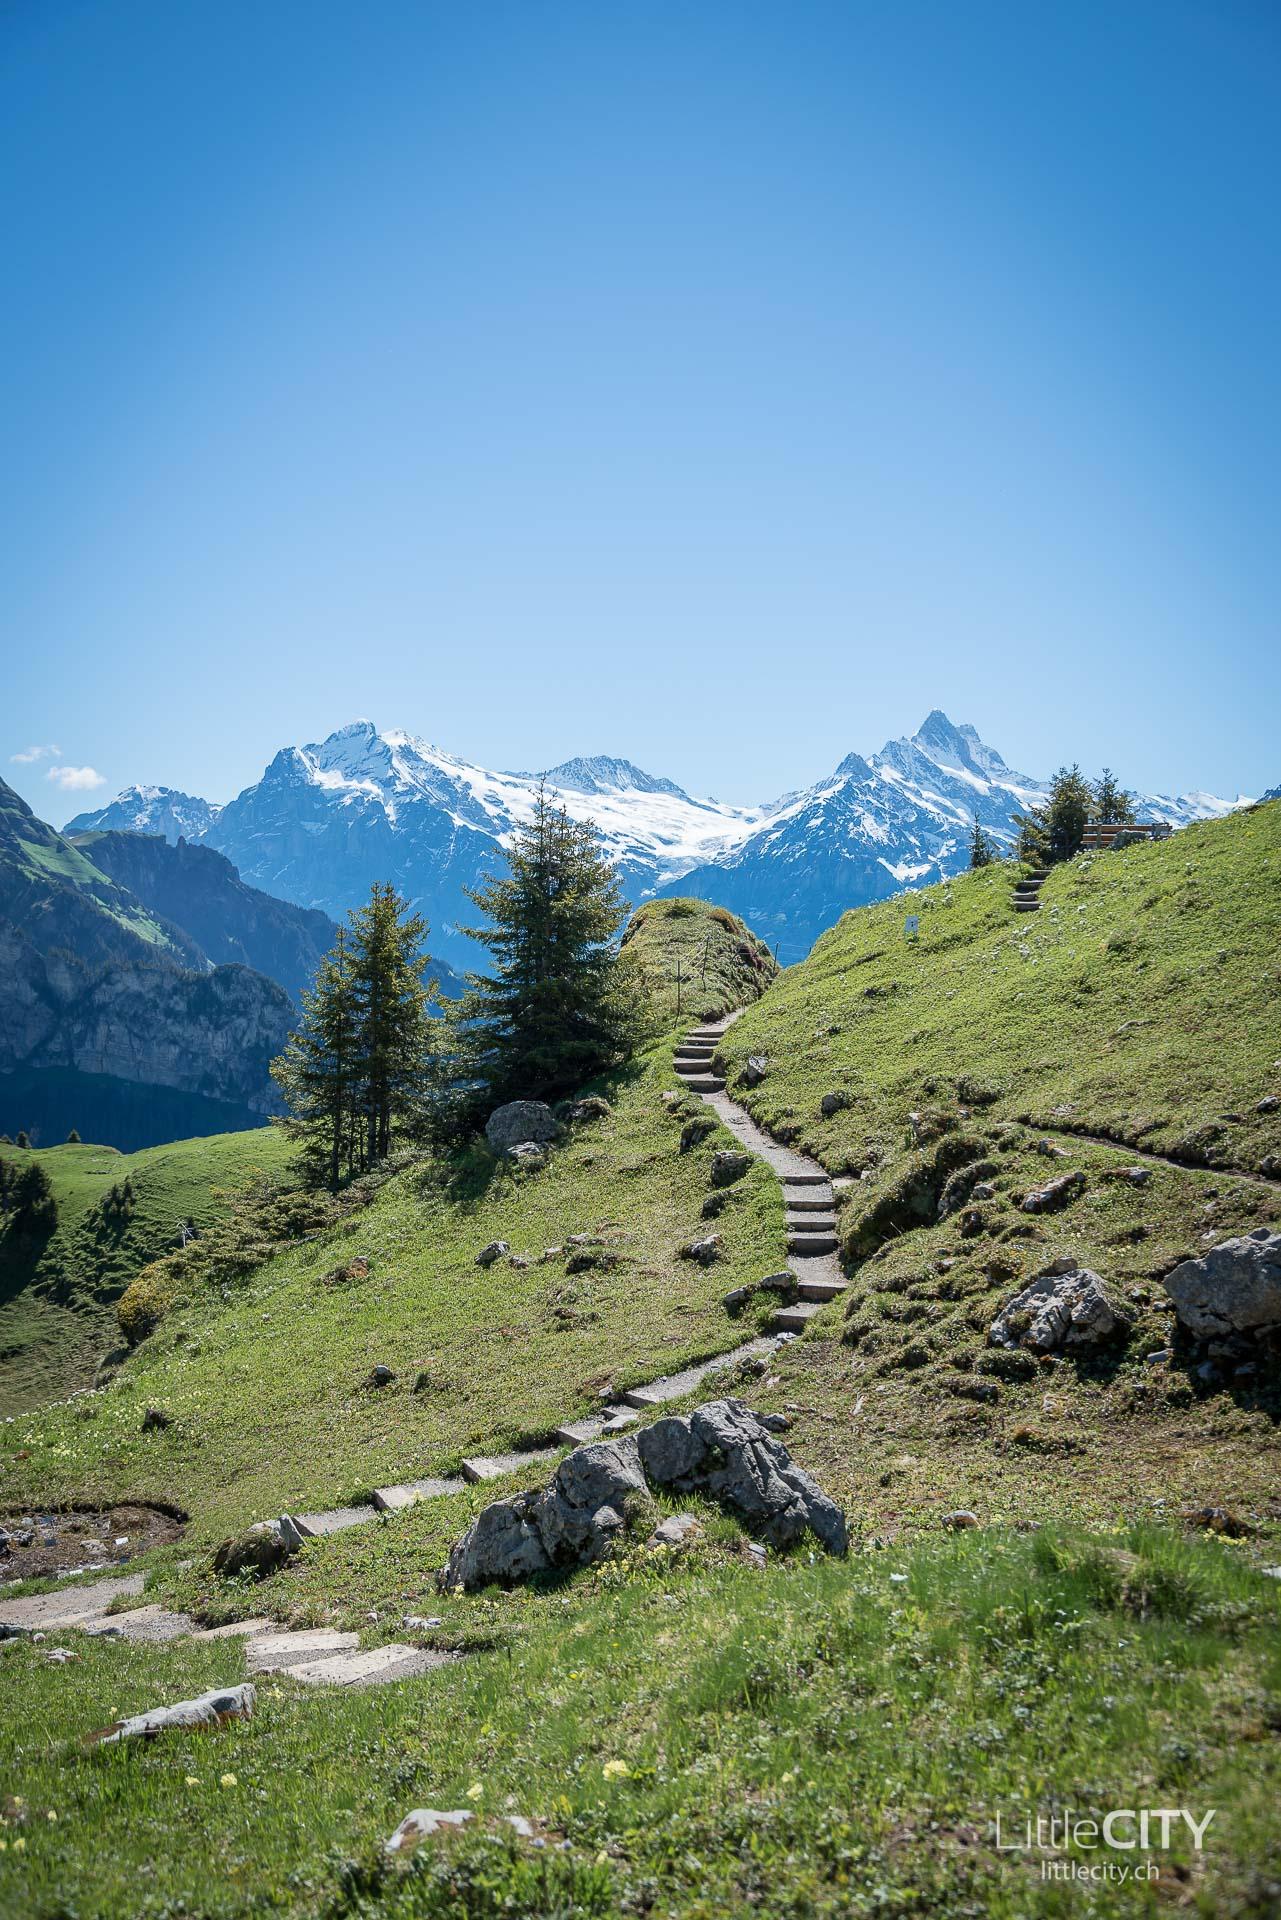 Schynige Platte Wanderung Jungfrau Bahnen LittleCITY-4